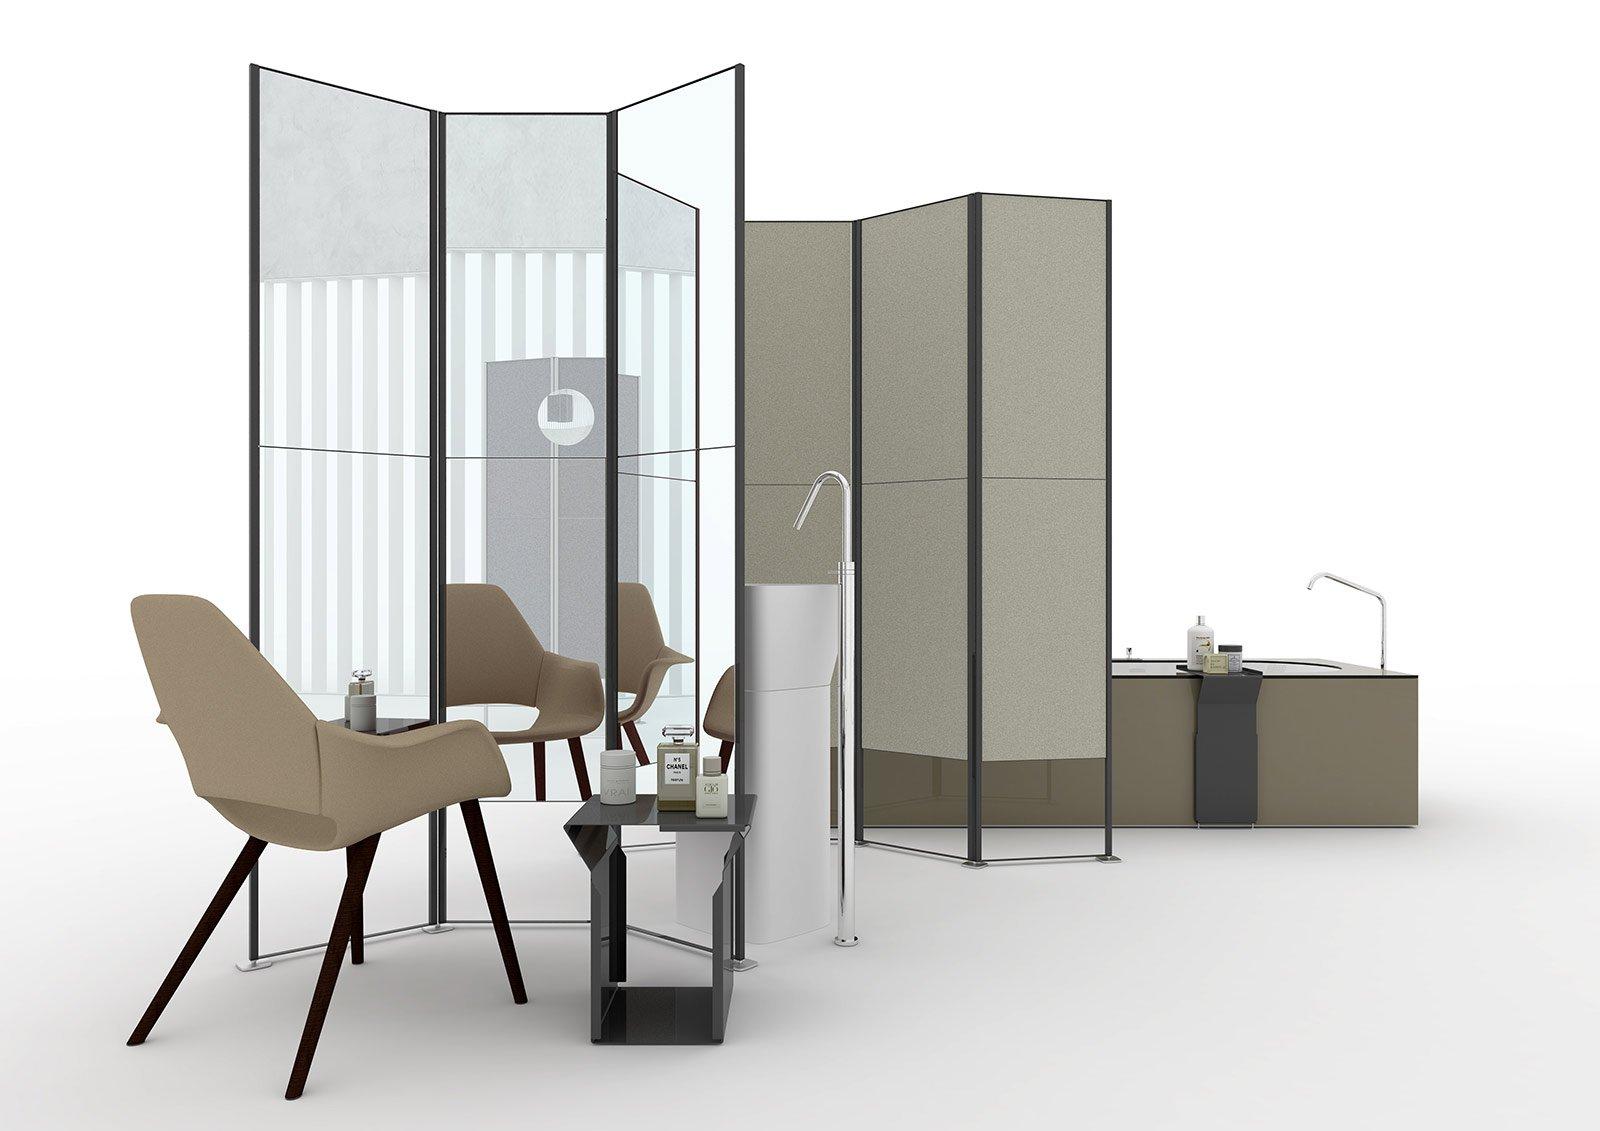 Soluzioni per separare cose di casa - Ikea specchi adesivi ...